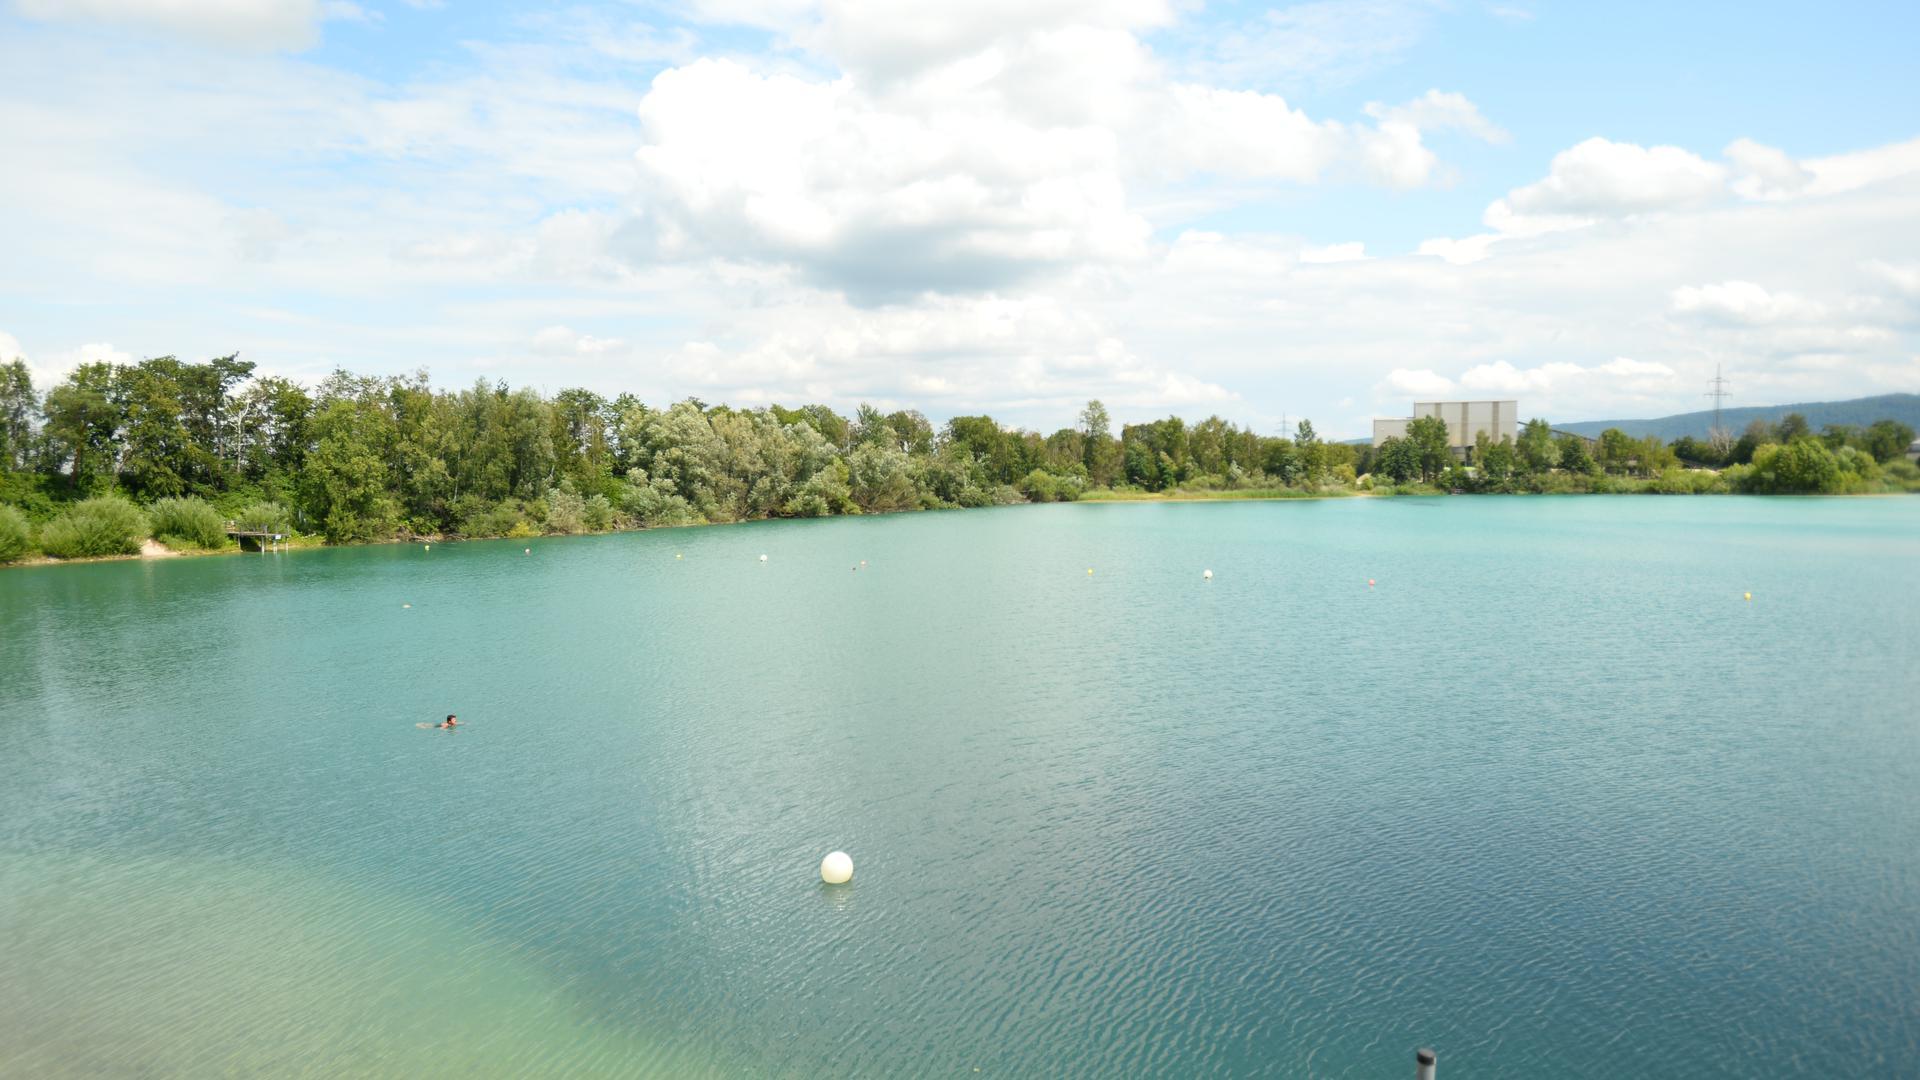 Eine einsame Schwimmerin im Naturfreibad Kaltenbachsee.